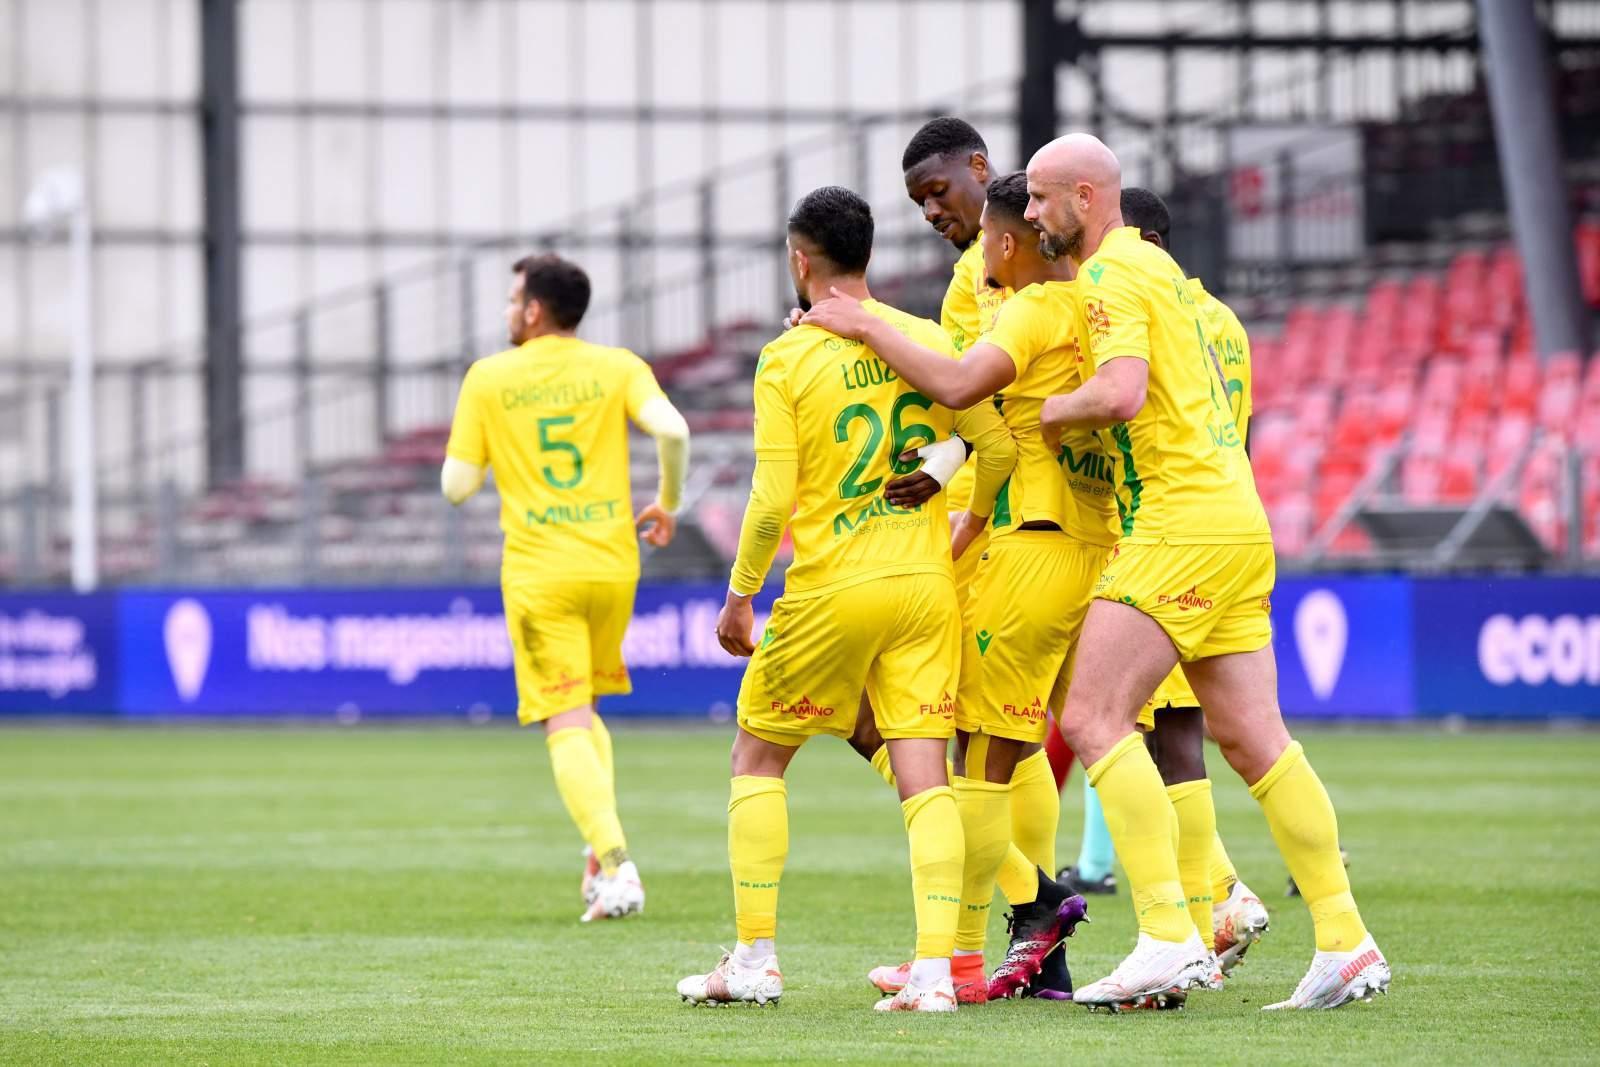 Последний матч сезона во Франции и победное поражение «Нанта» - видео